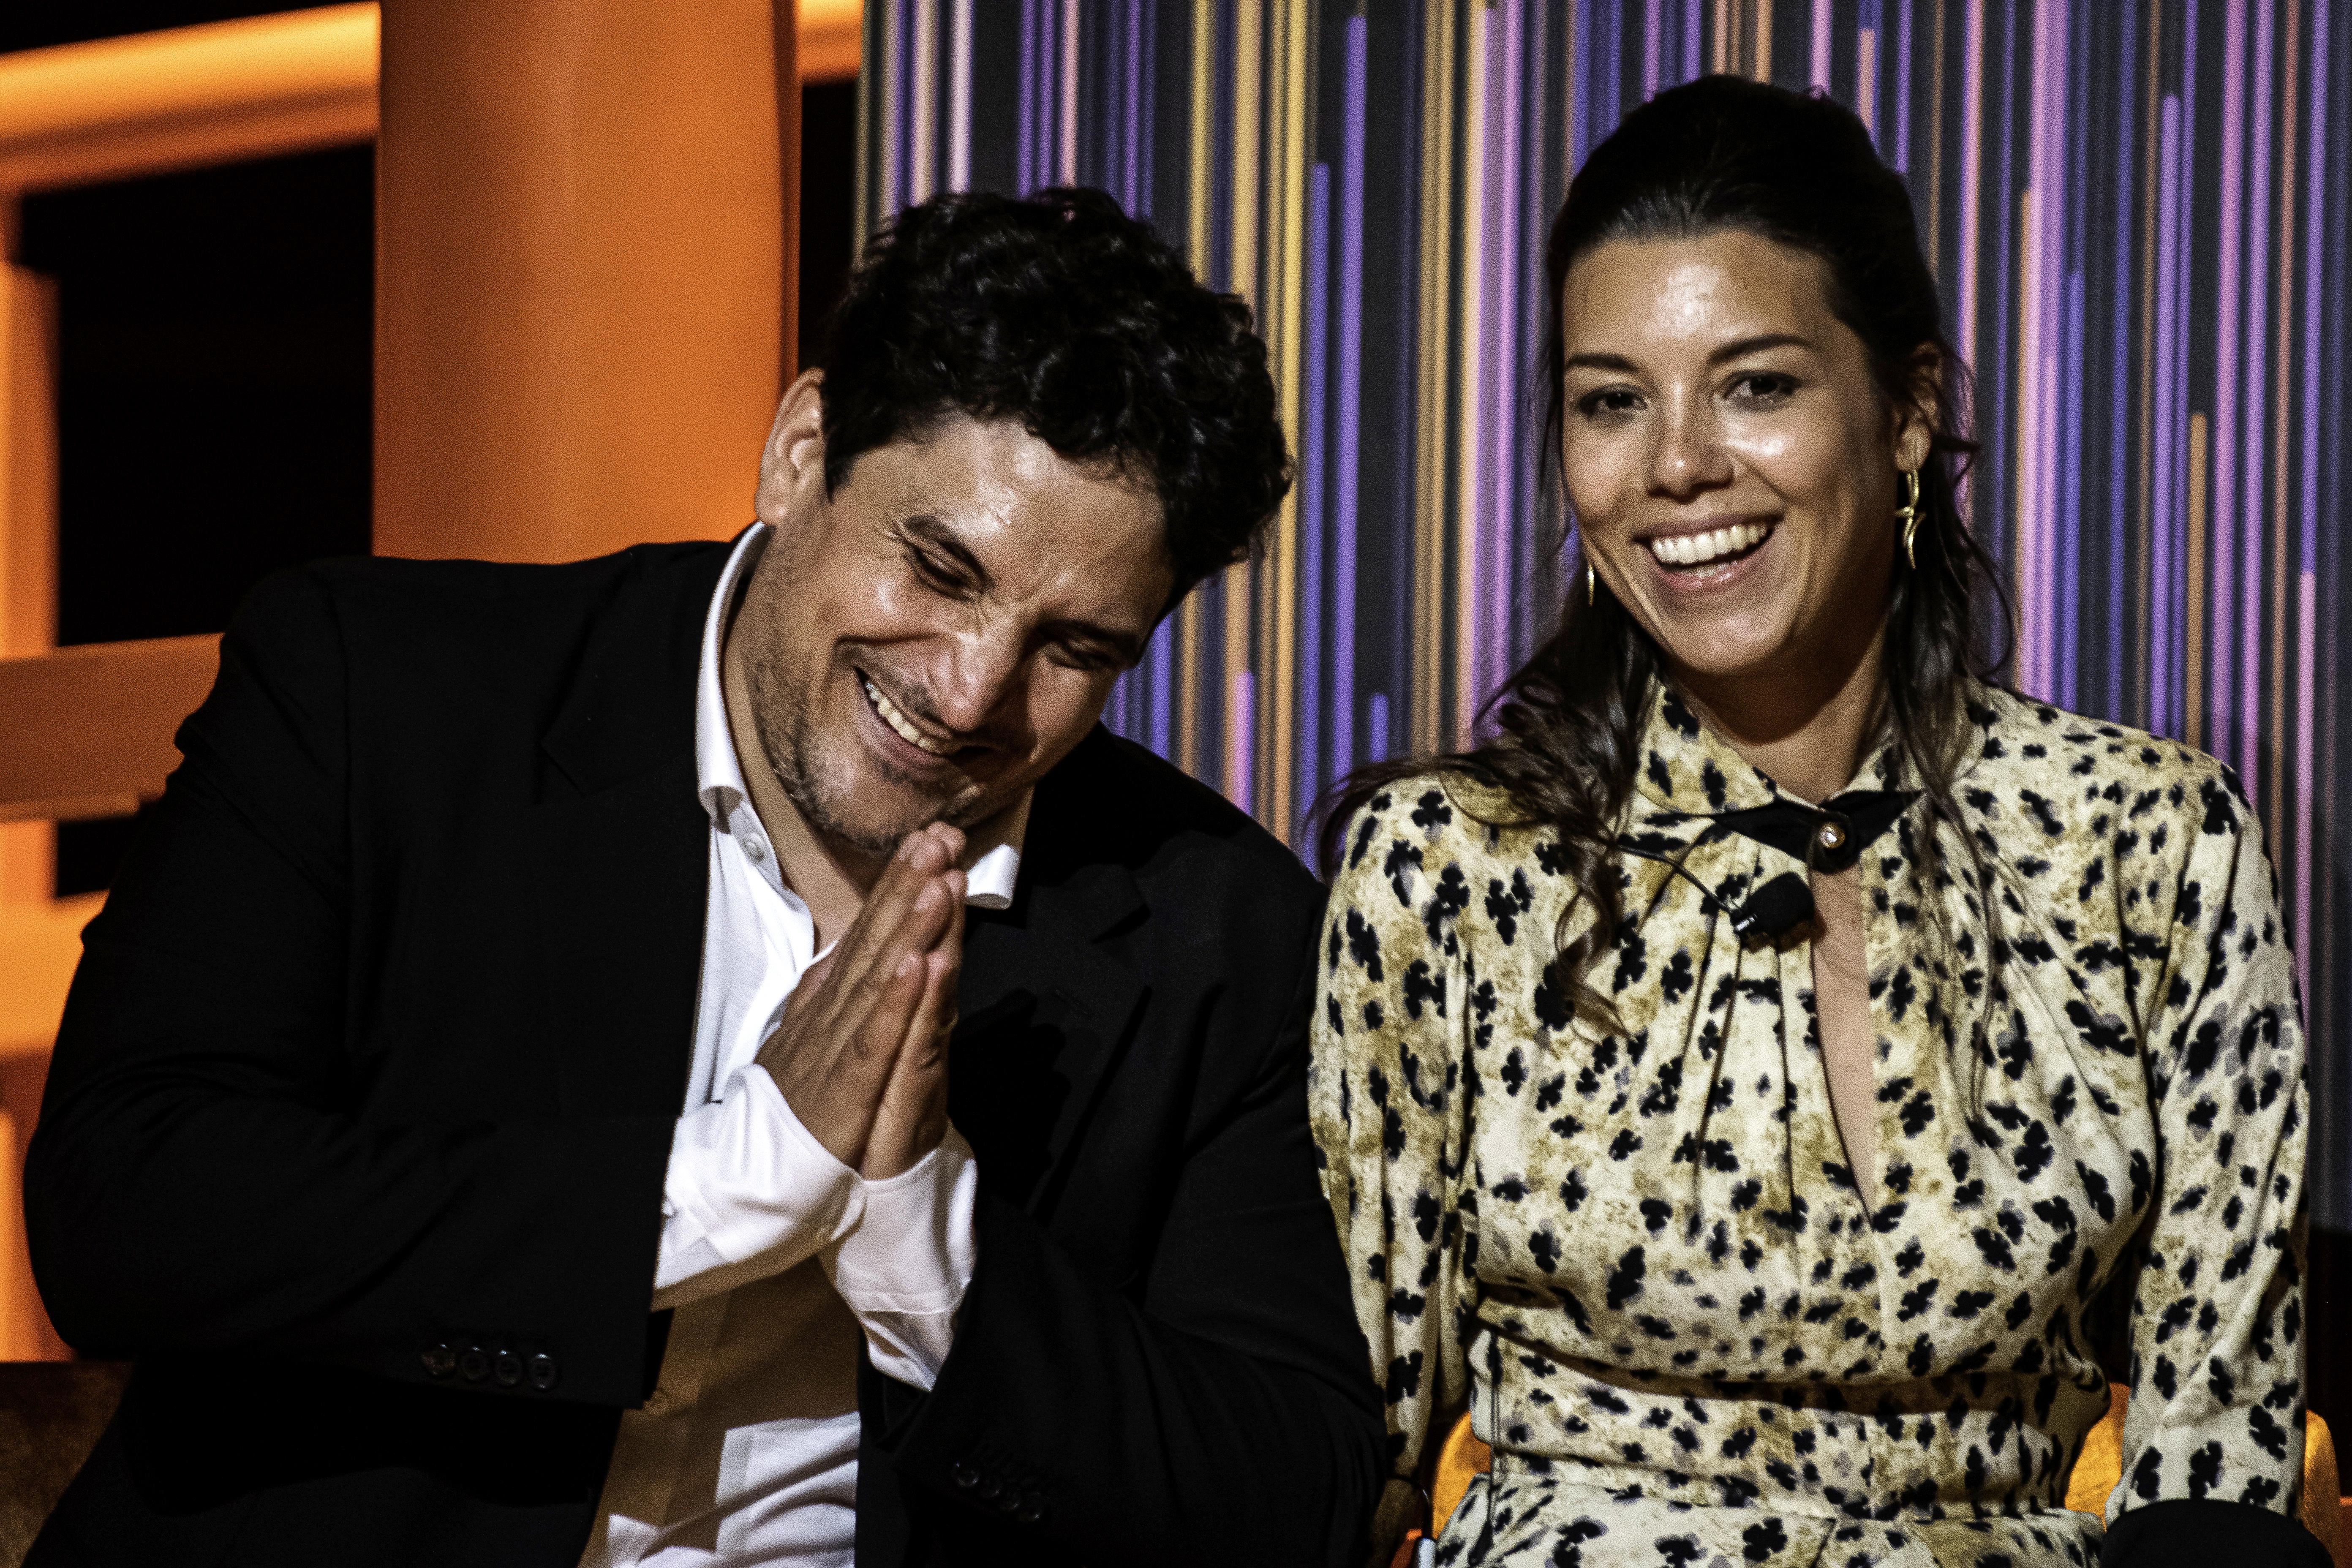 Mauro junto a  su esposa Julia al recibir la distinción en Singapur.